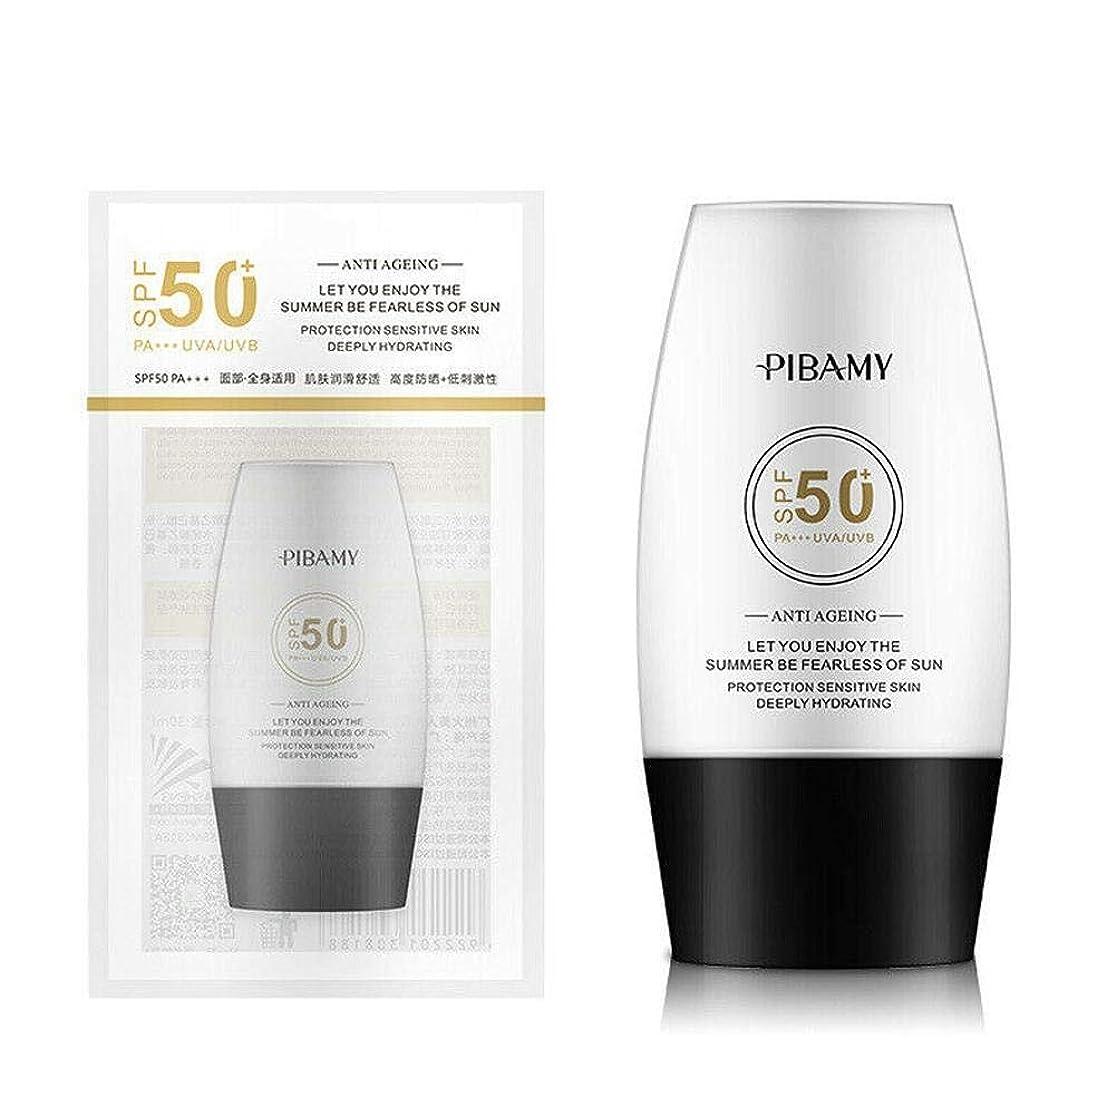 適応的王室パウダーBETTER YOU (ベター ュー) 日焼けどめクリーム 顔 全身用 防水 紫外線を防ぐ 肌を明るくする 水分を補充する